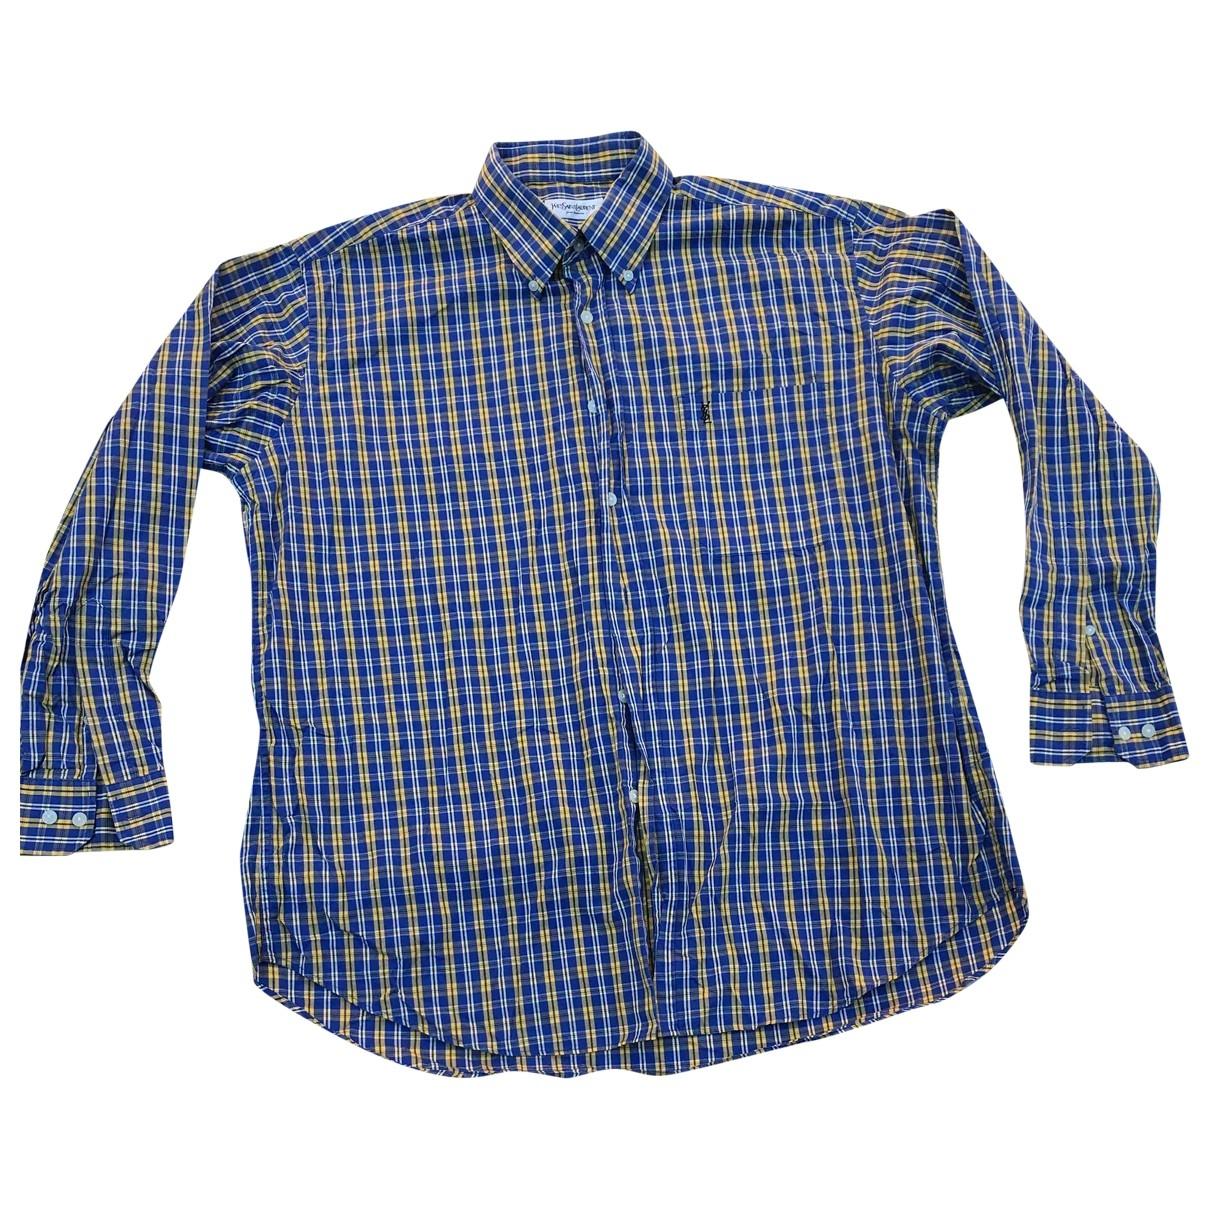 Yves Saint Laurent \N Blue Cotton Shirts for Men 17 UK - US (tour de cou / collar)